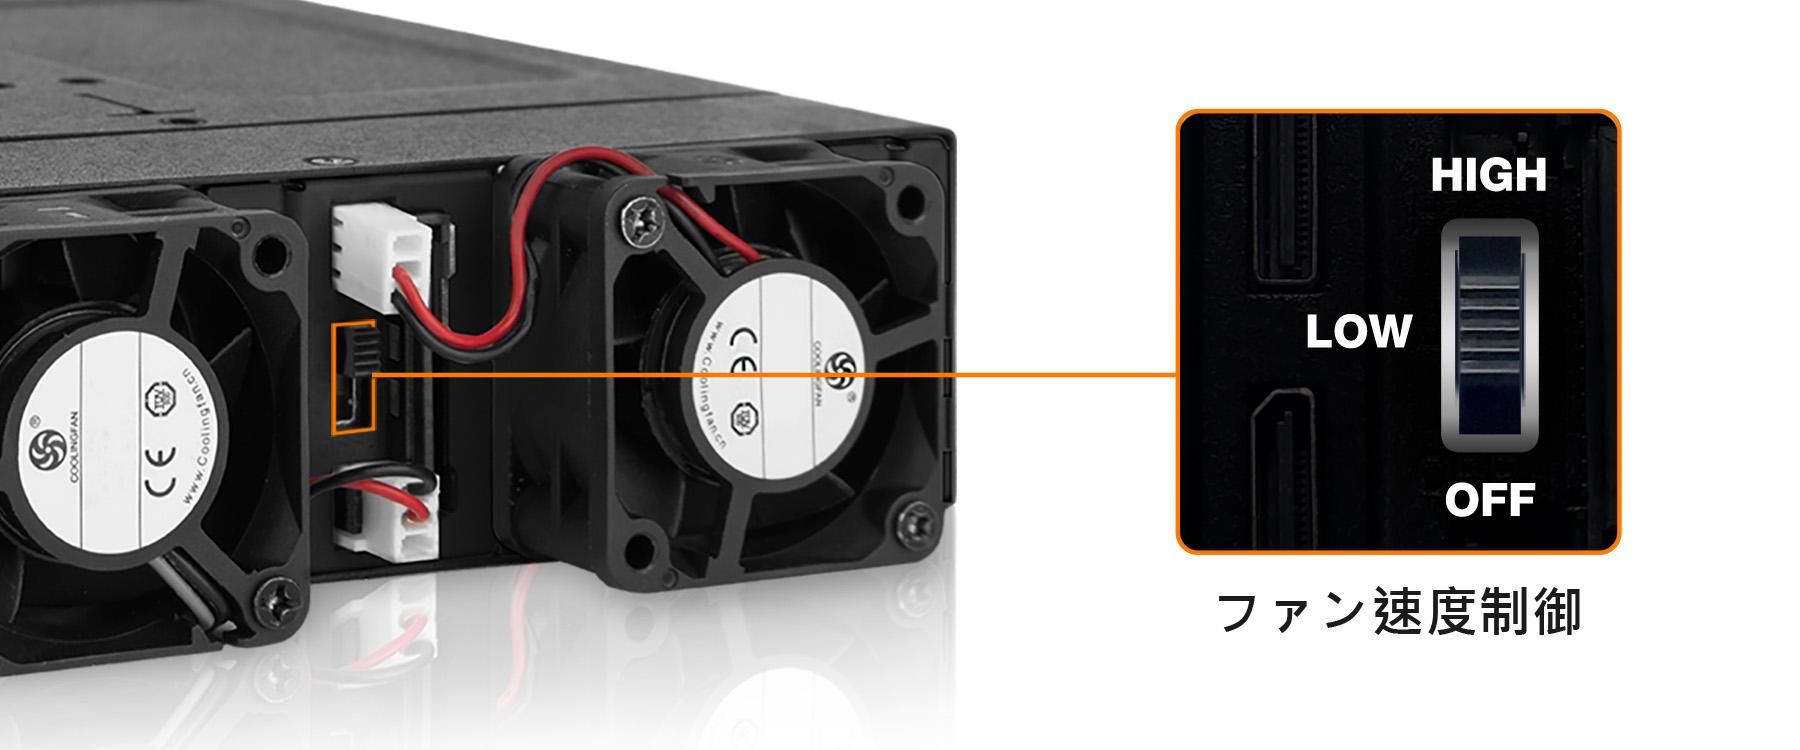 MB699VP-B_V2-Cooling